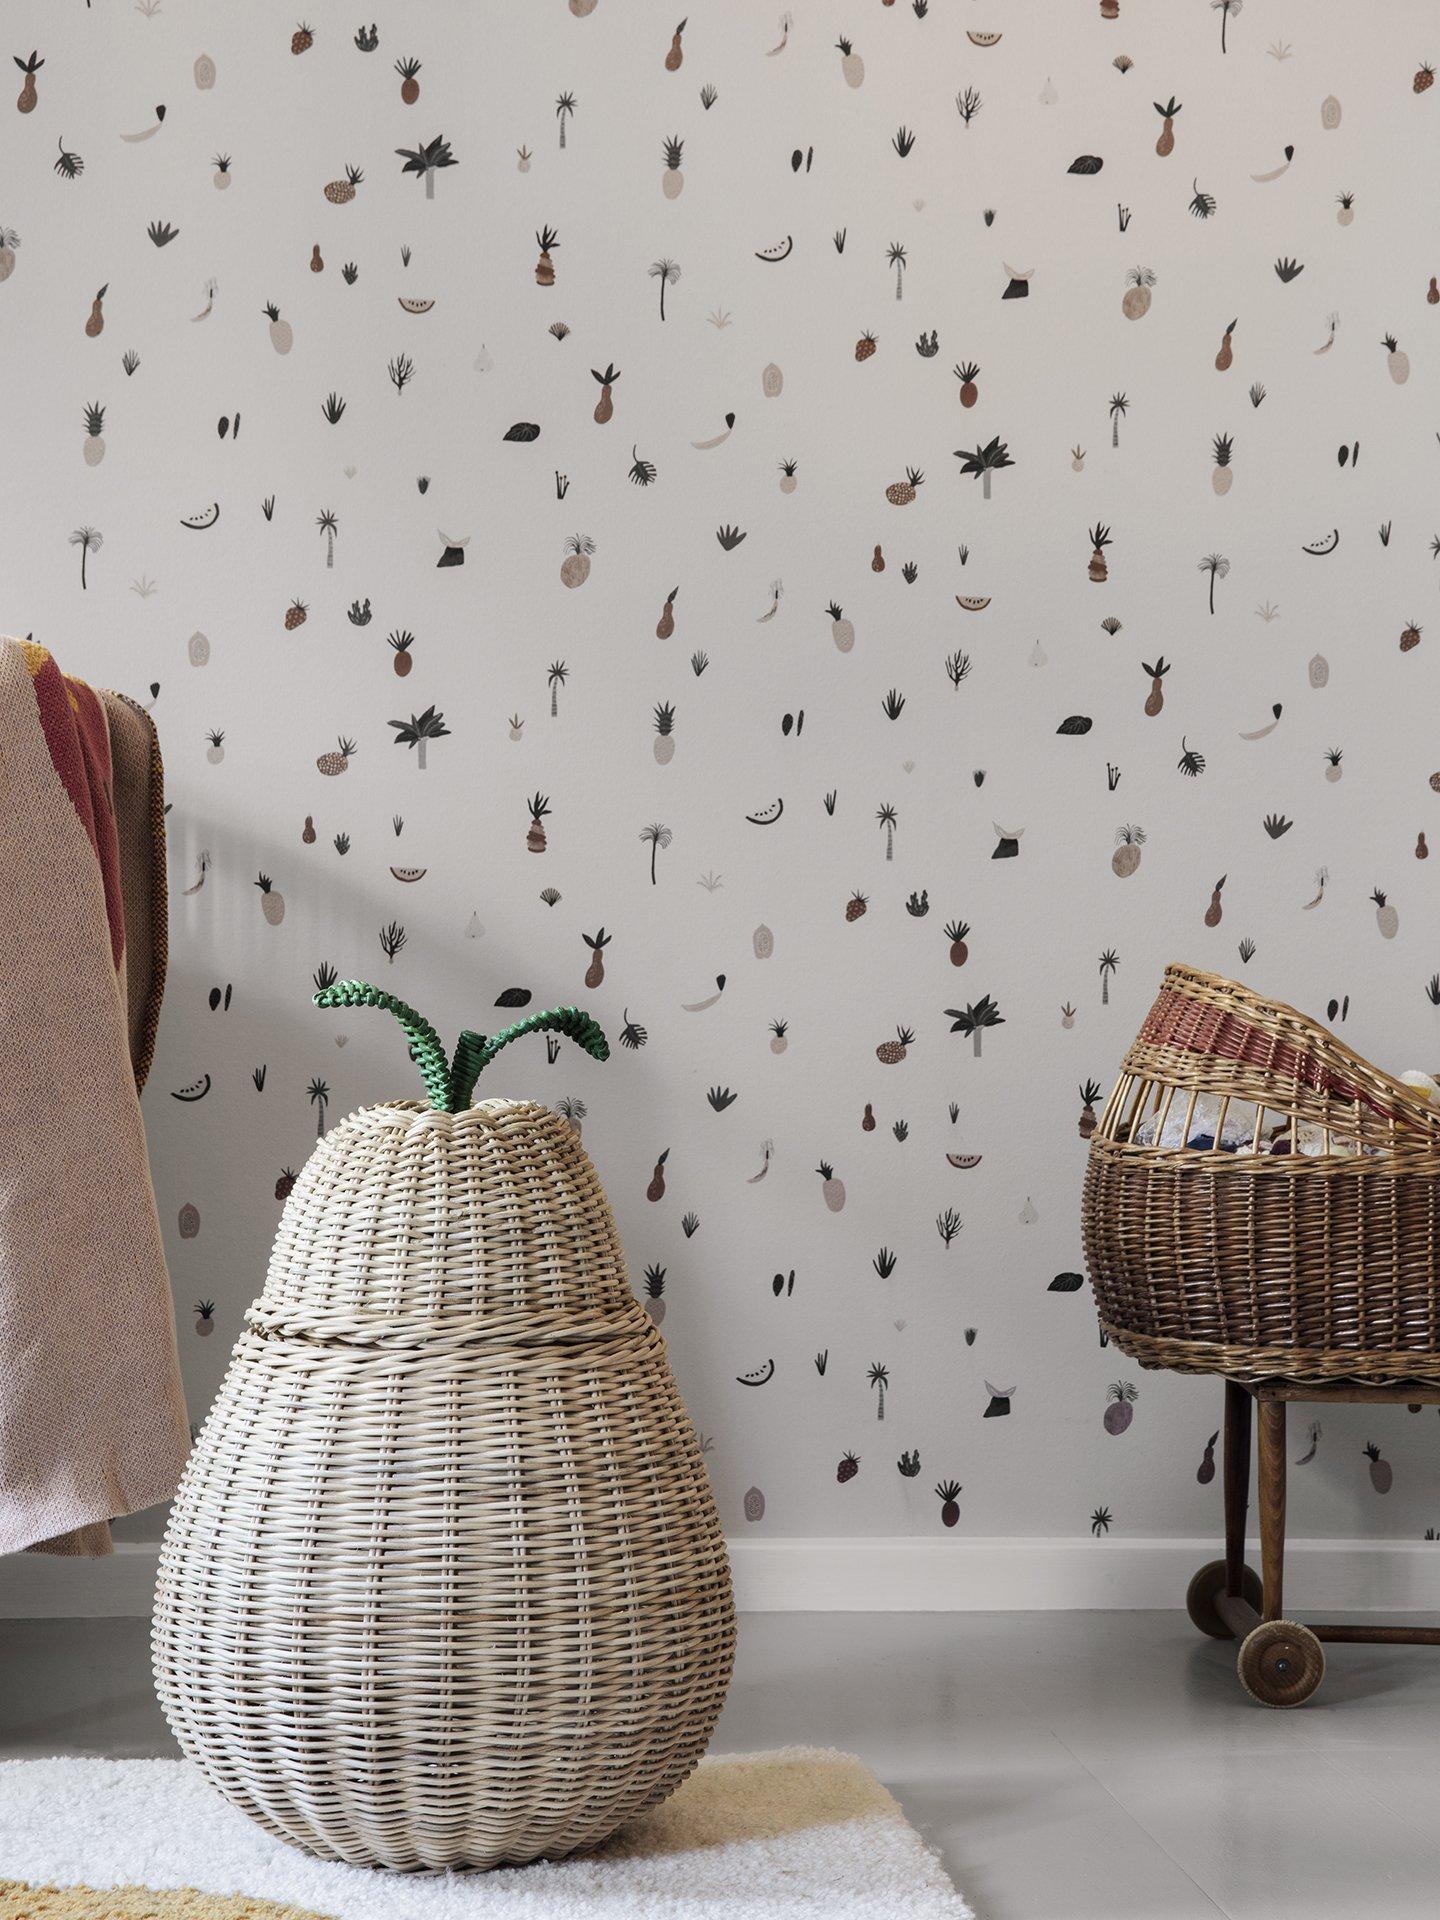 scandinavian feeling nursery decor kids wallpaper